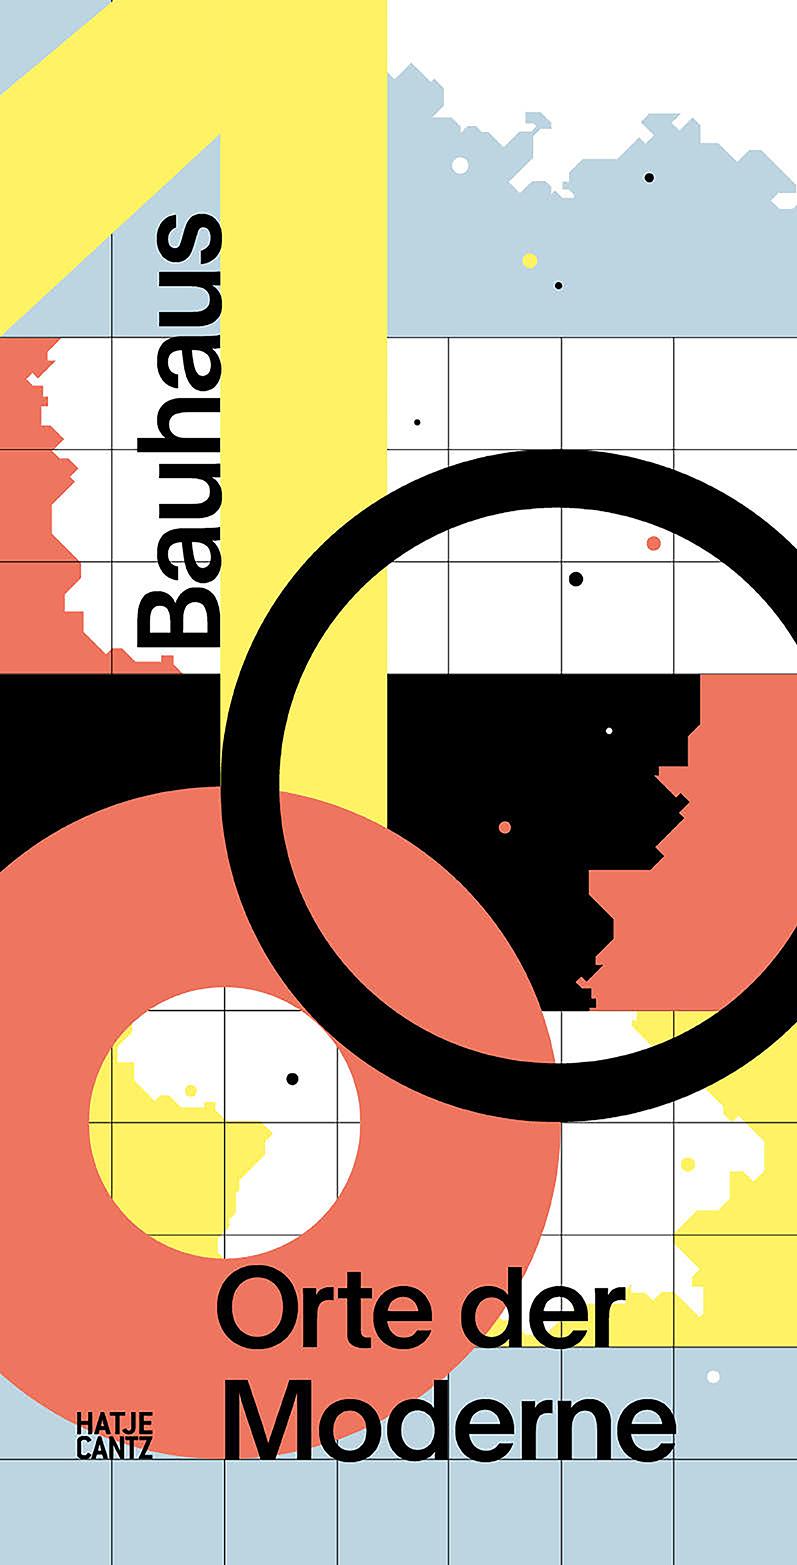 Cover: Bauhaus 100 Orte der Moderne © Hatje Cantz